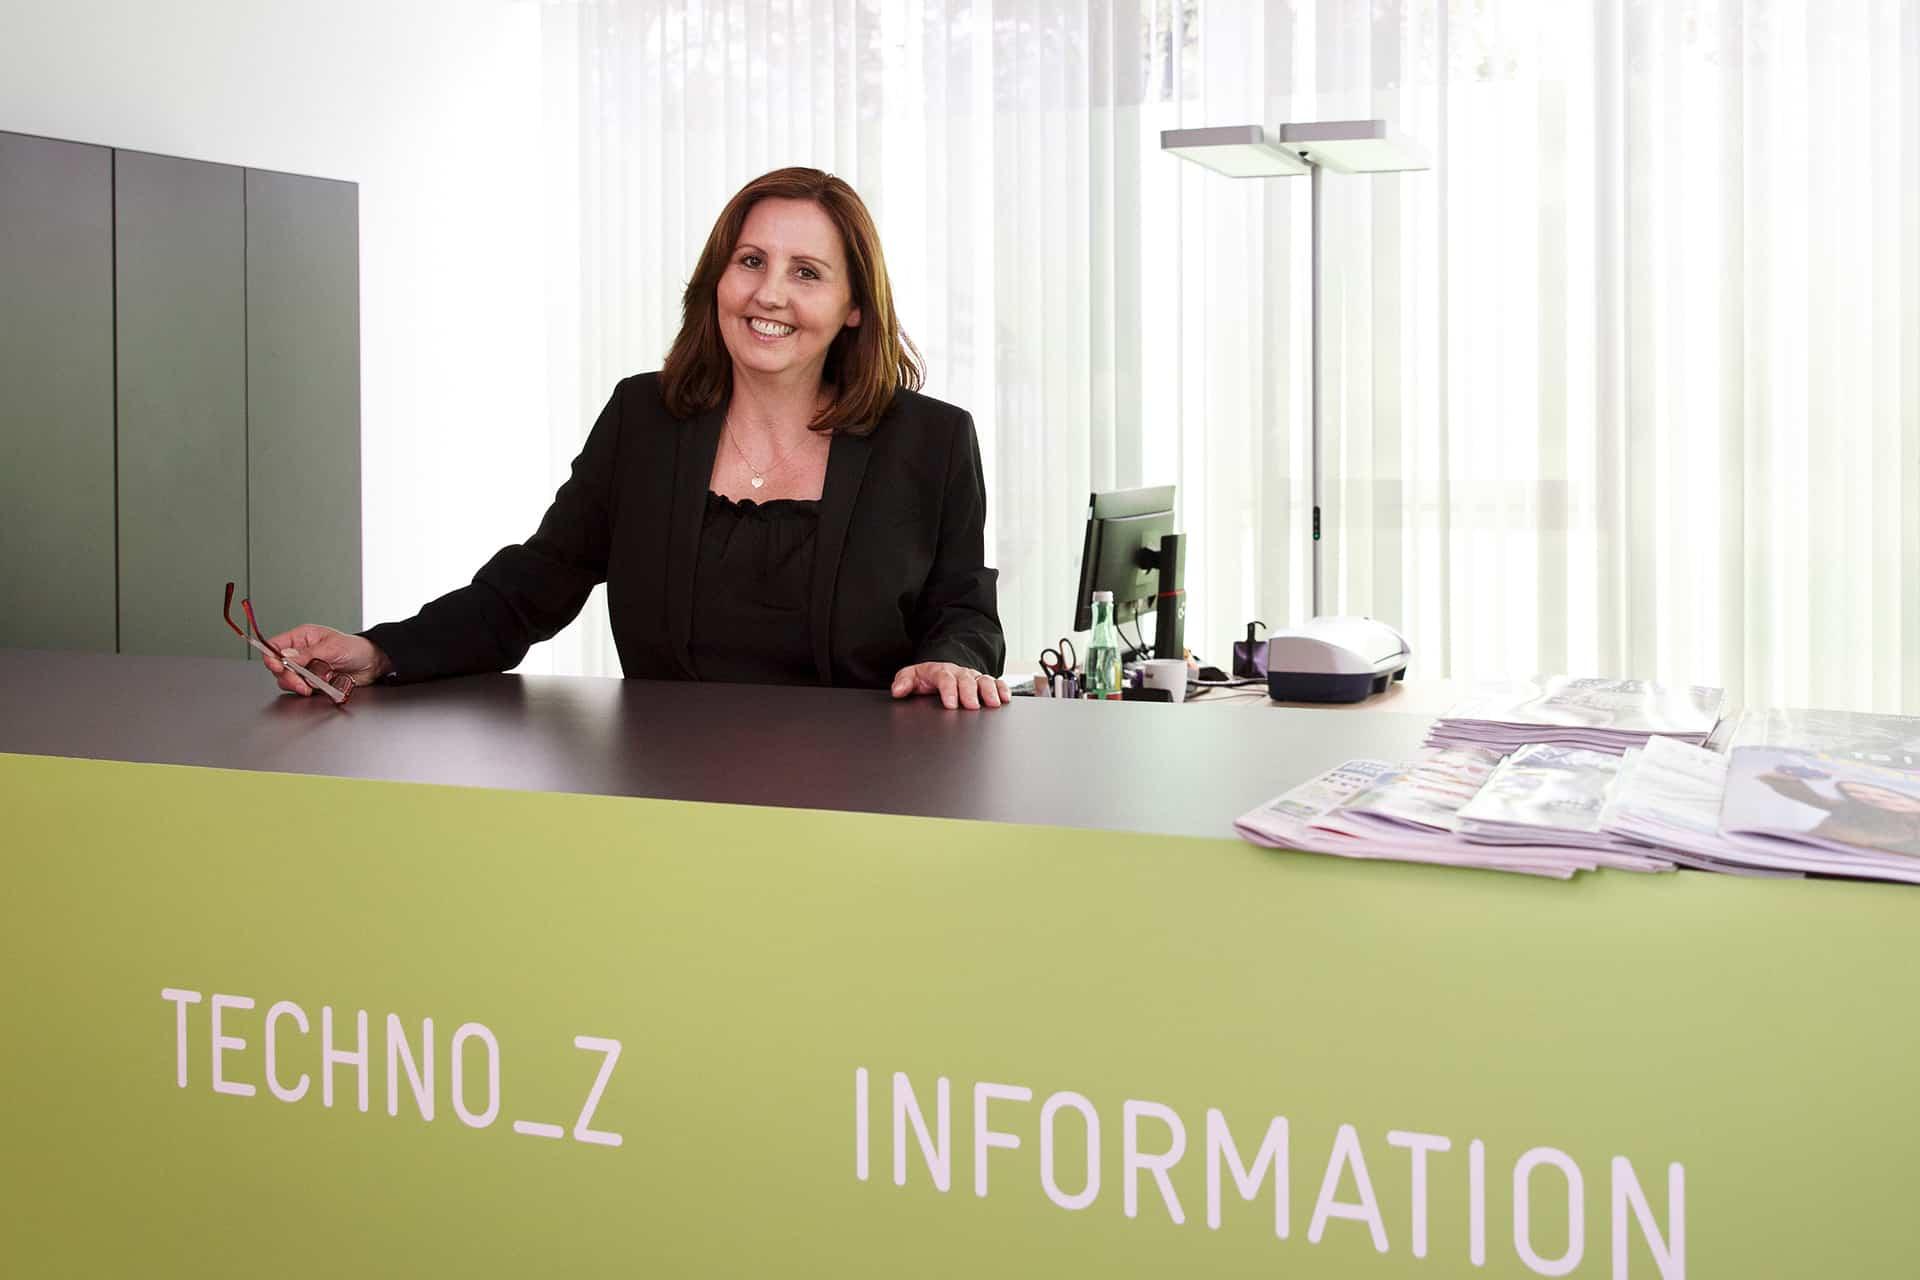 Natascha Pogatschnig stehend hinter dem Pult in der Techno-Z Information